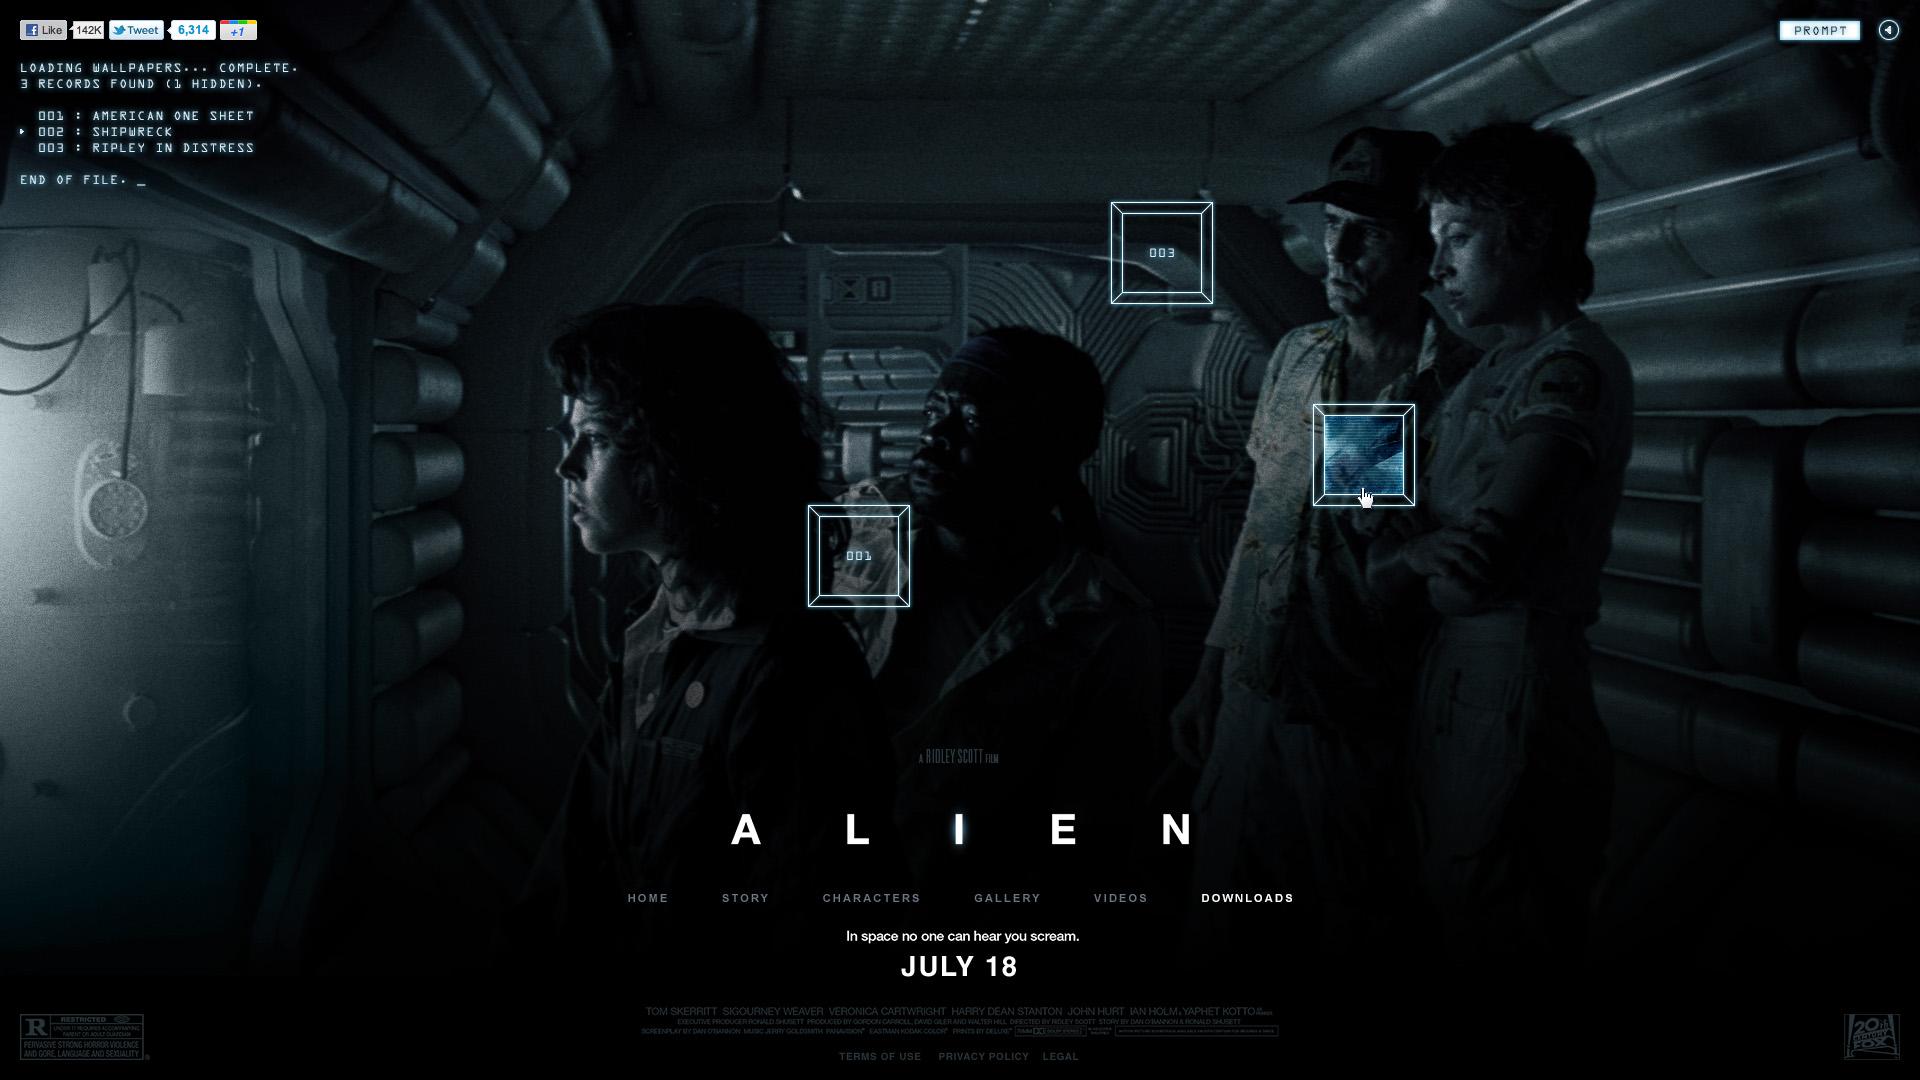 10 New Horror Movie Wallpaper Hd Full Hd 1920 1080 For Pc: Alien HD Wallpaper